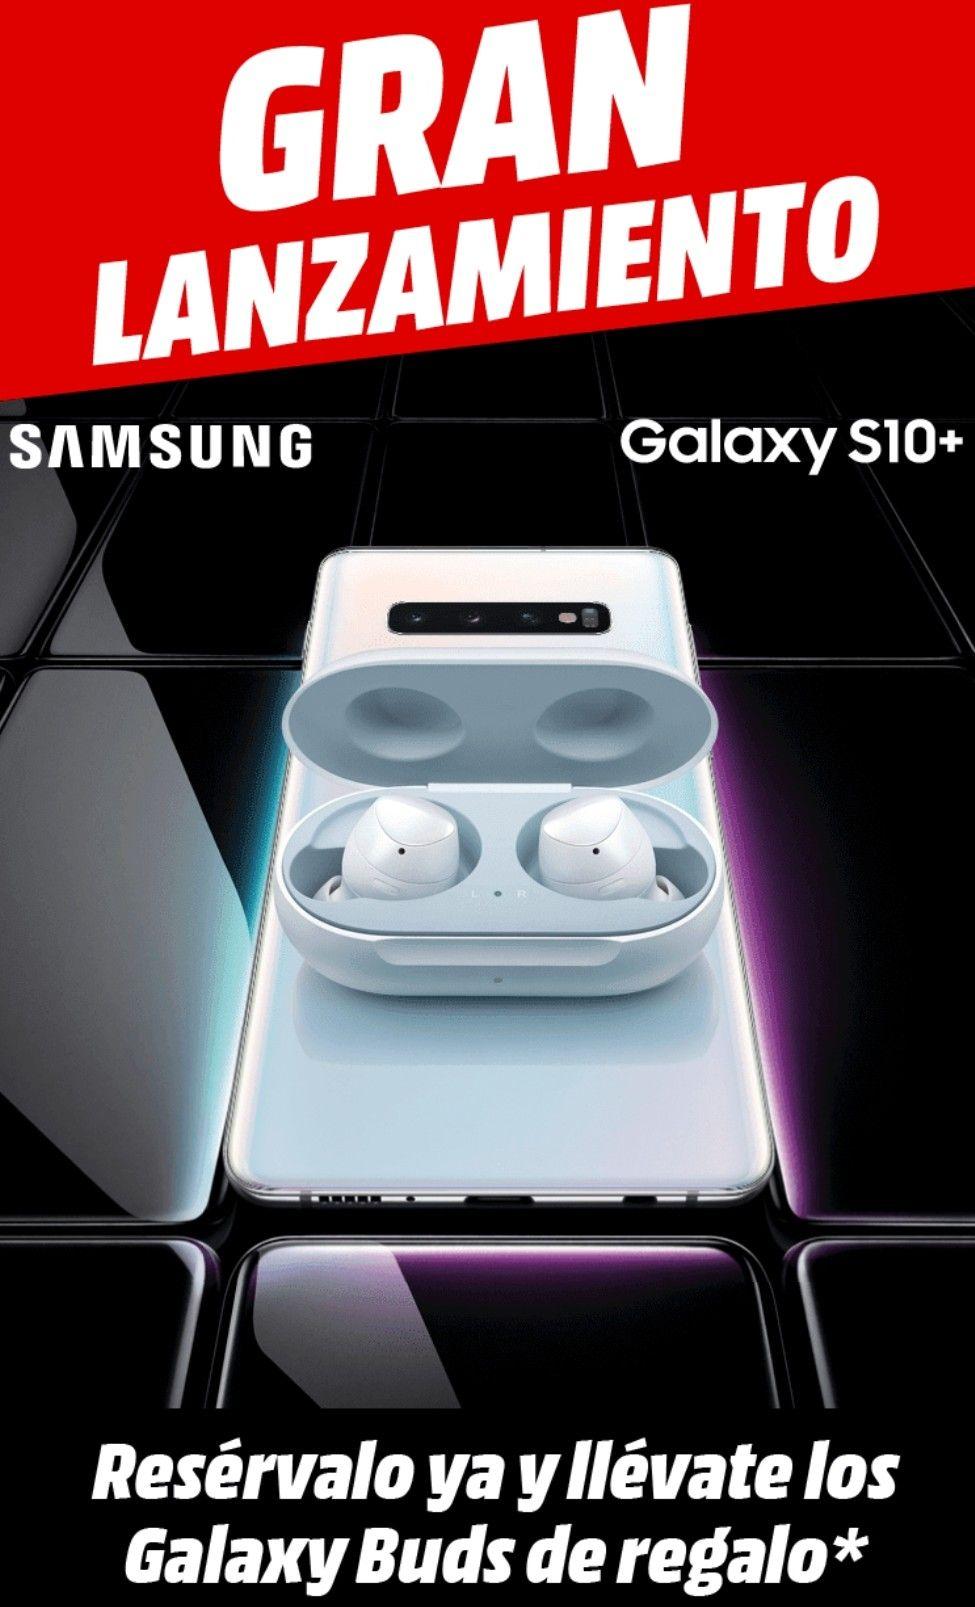 Galaxy Buds de regalo al reservar el S10 o S10+